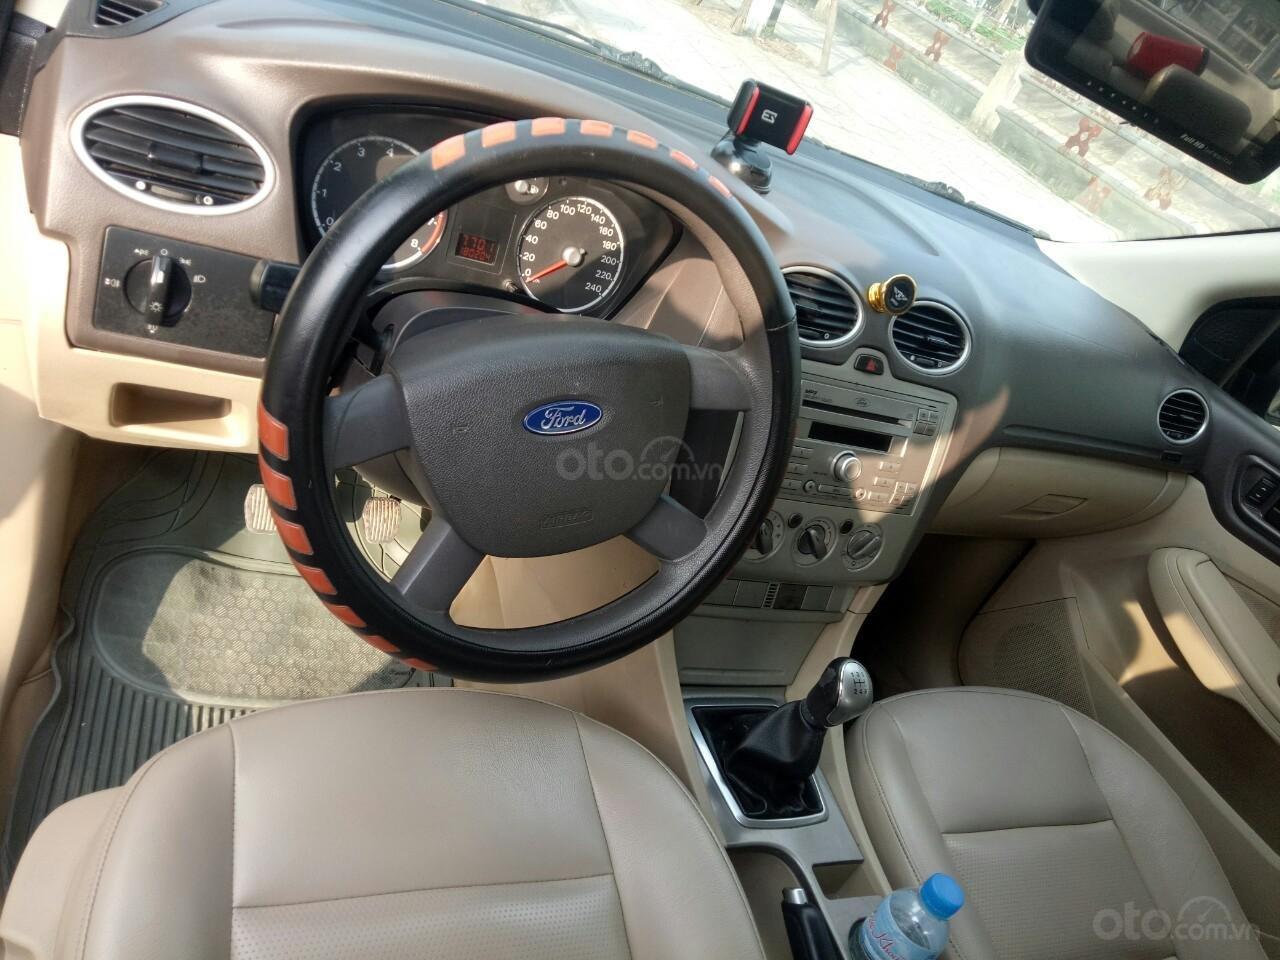 Cần vốn làm ăn cần bán gấp đi Ford Focus 2010, xe gia đình-3